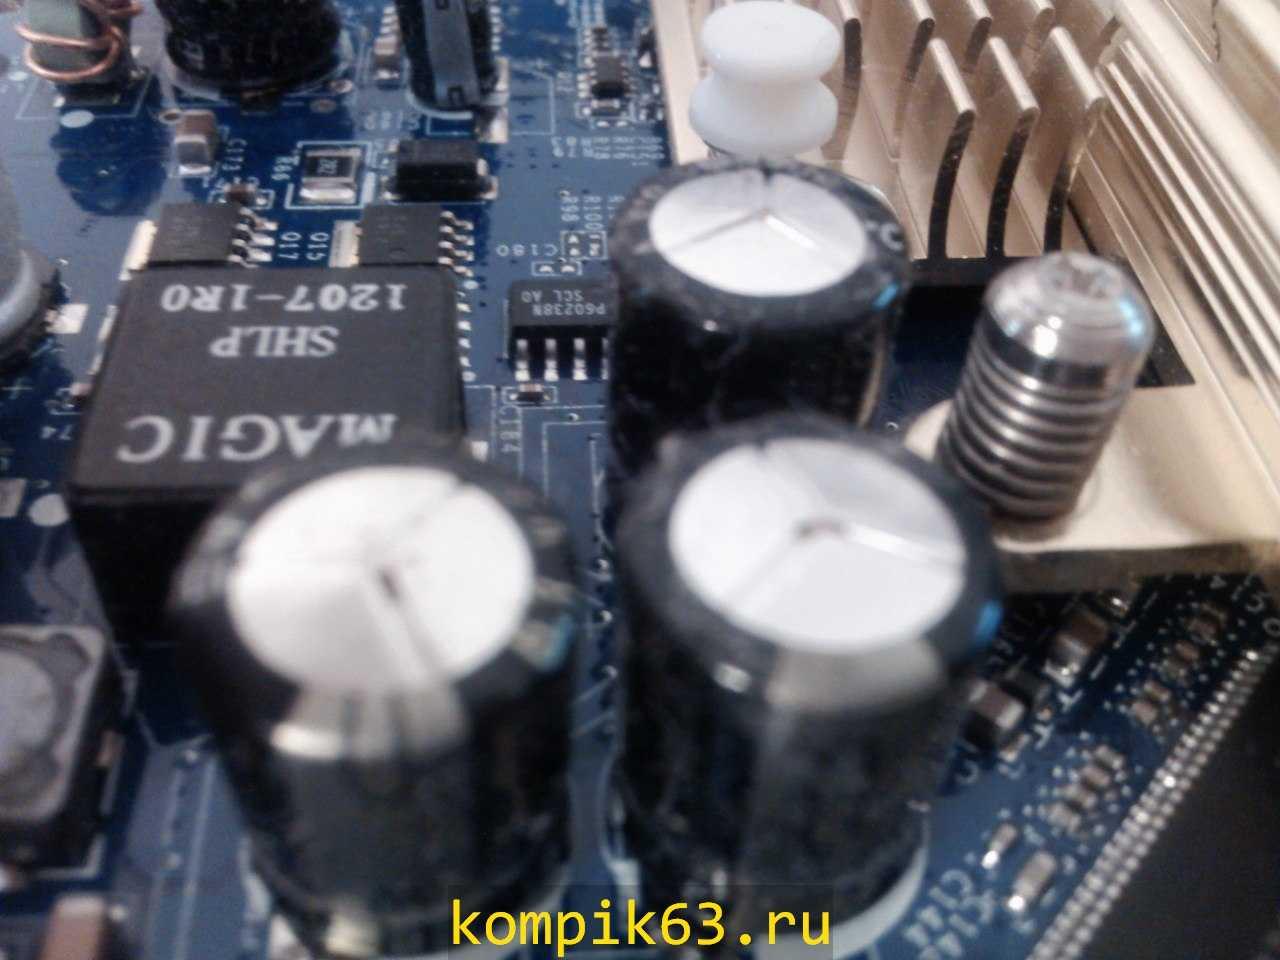 kompik63.ru-162